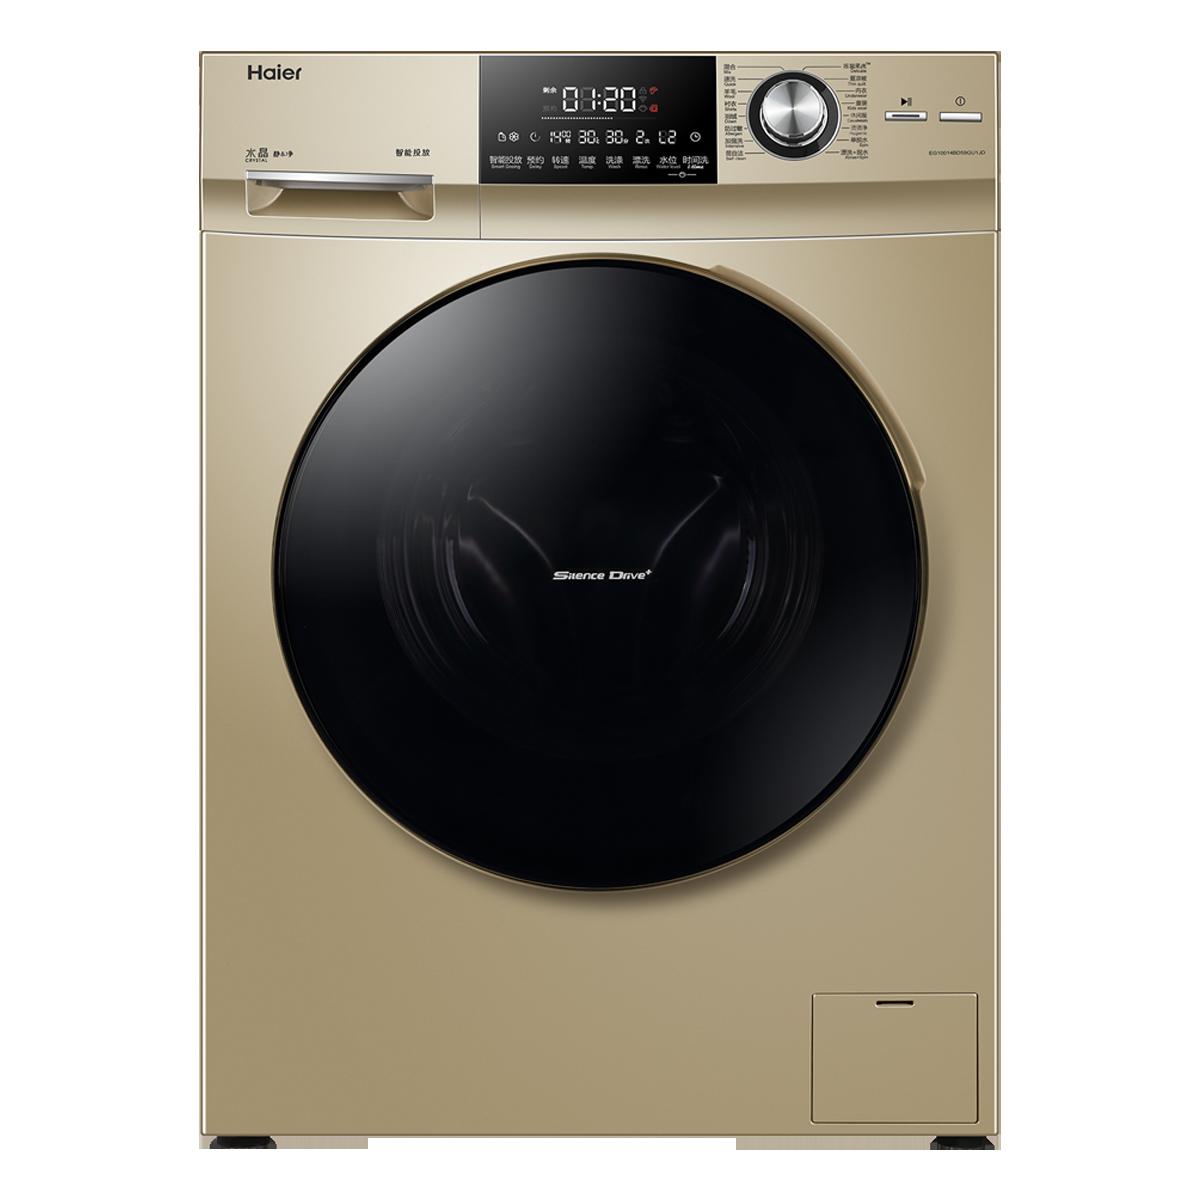 海尔Haier洗衣机 EG10014BD59GU1JD 说明书